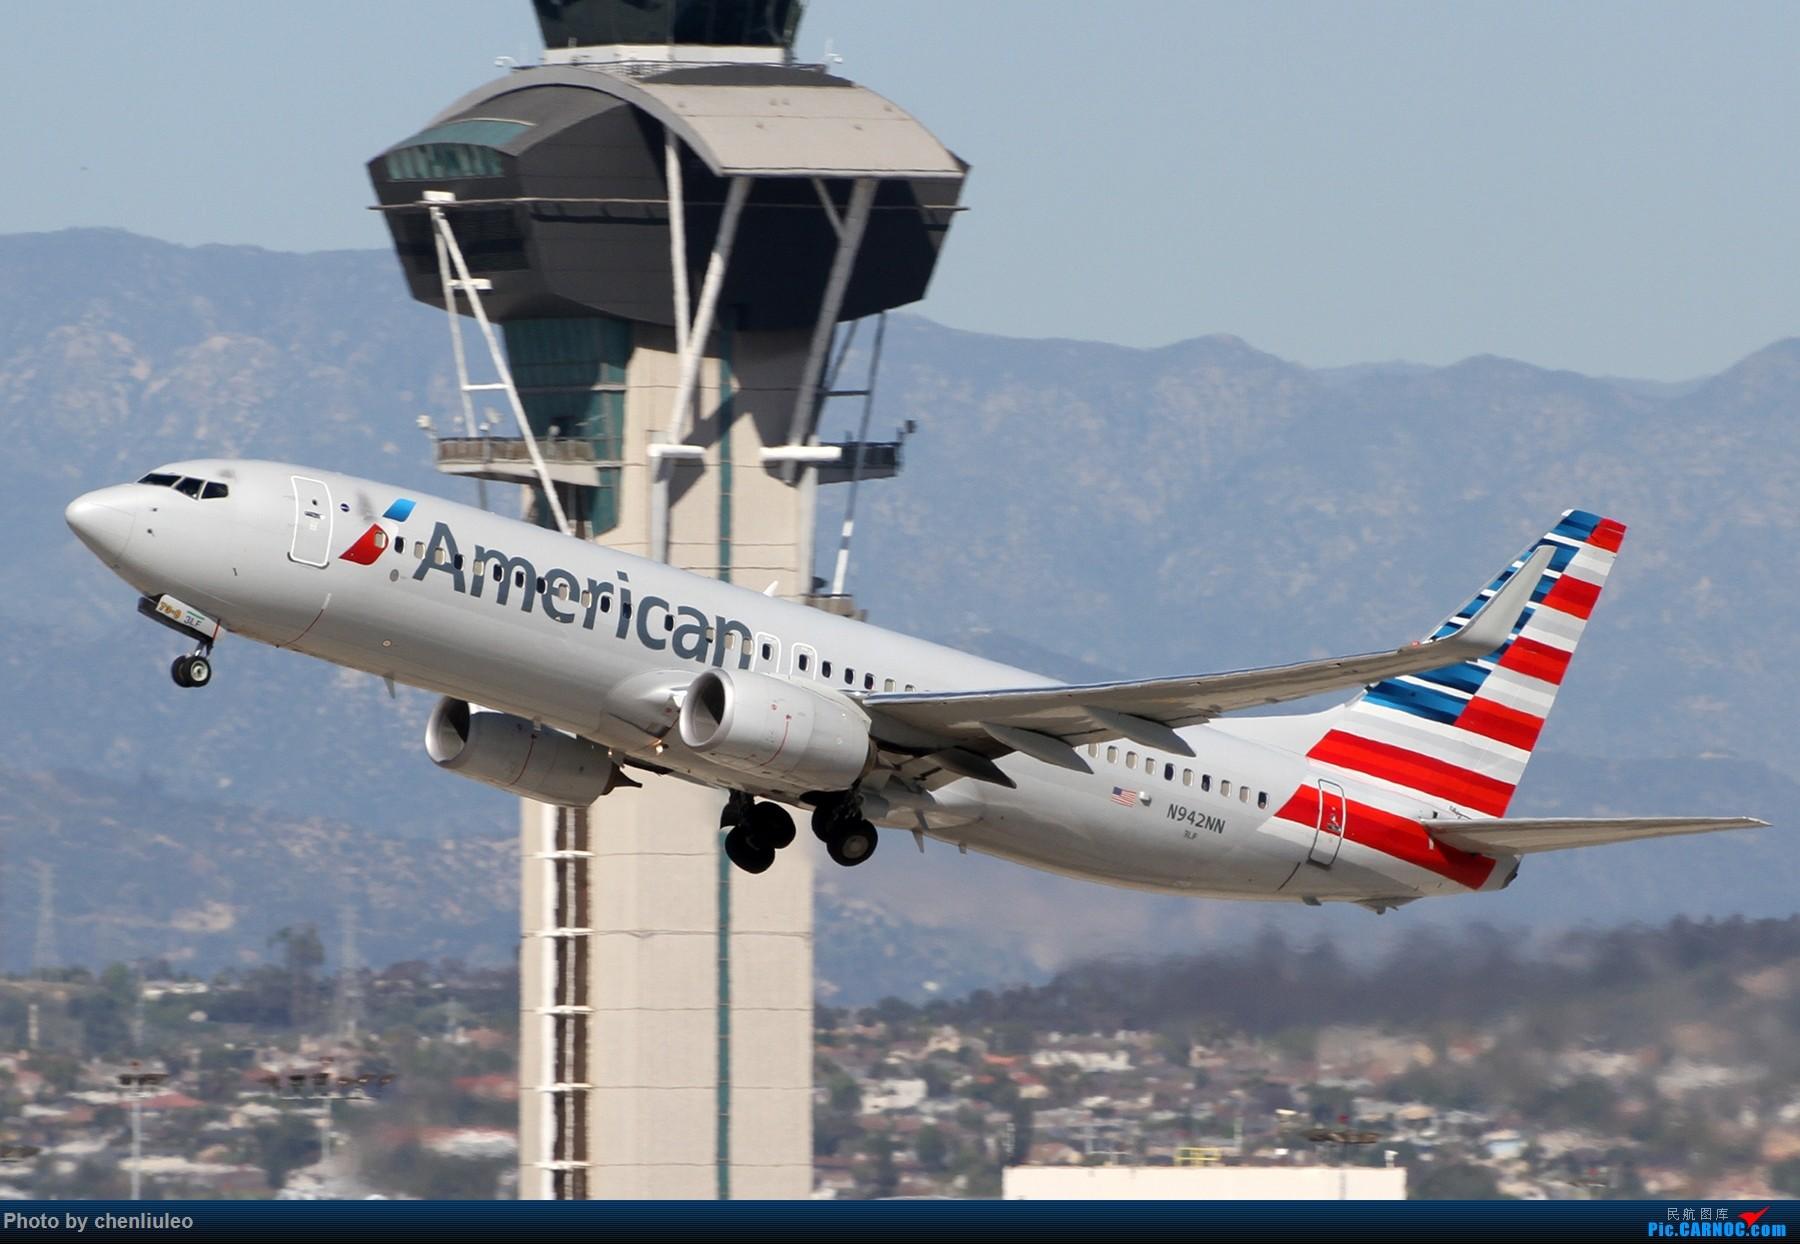 Re:[原创]【北美飞友会】LAX带地景起飞一组 BOEING 737-800 N942NN 美国洛杉矶机场